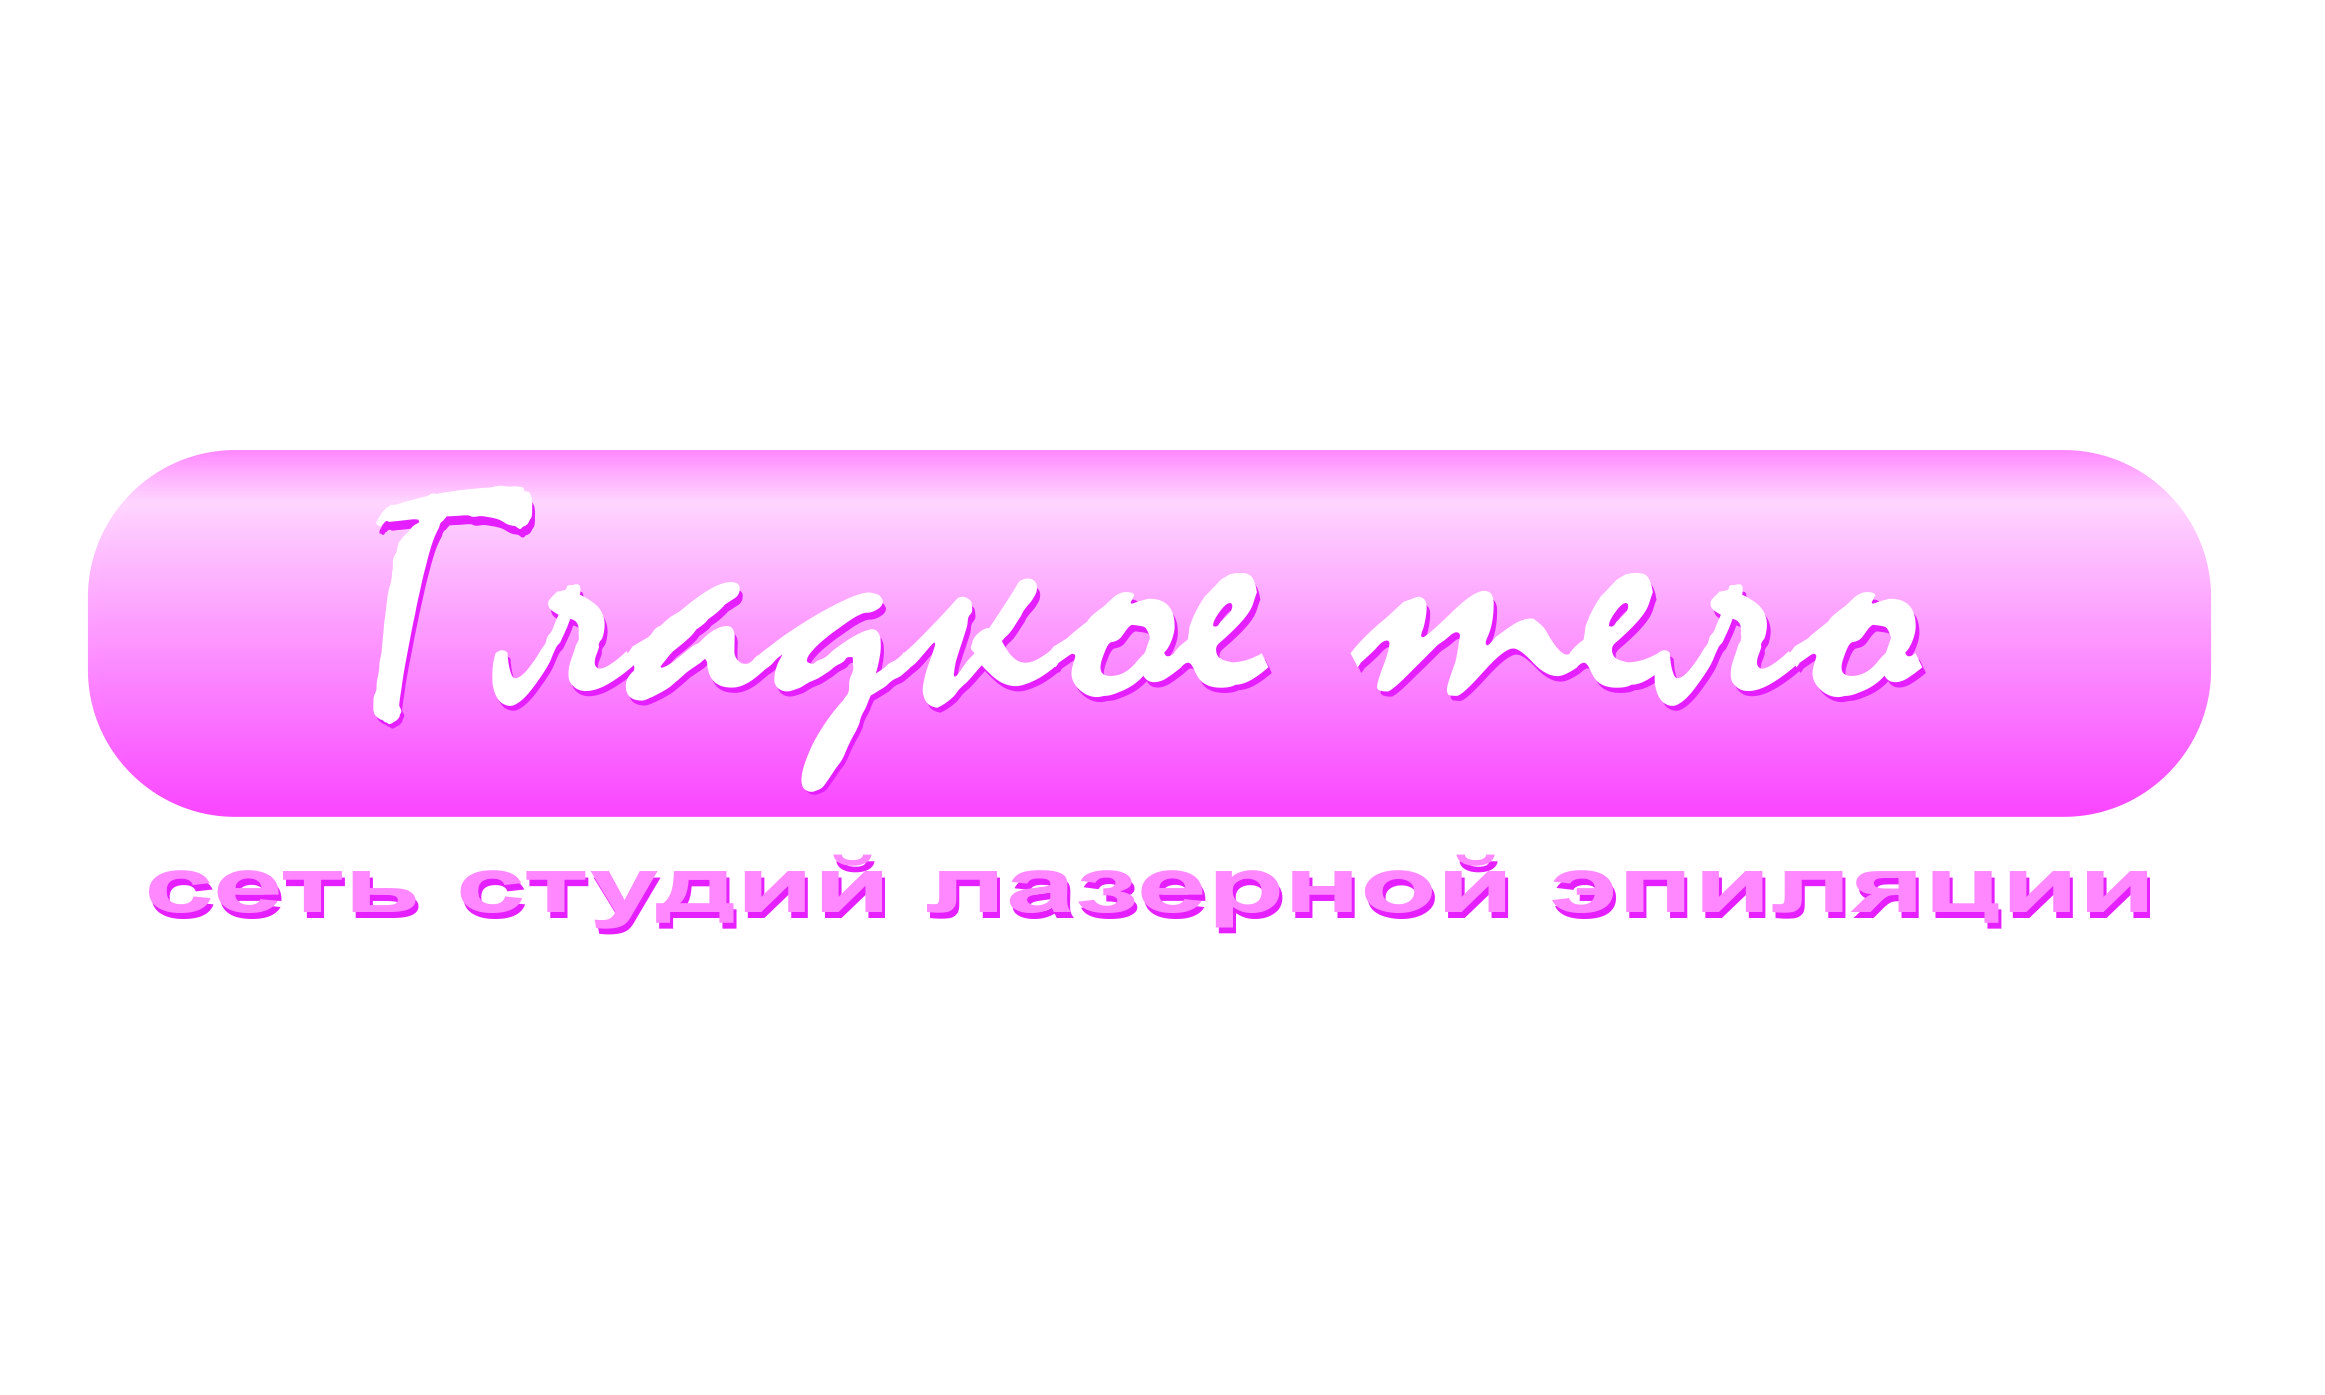 Логотип для сети студий лазерной эпиляции фото f_7685a51ea71262fd.jpg